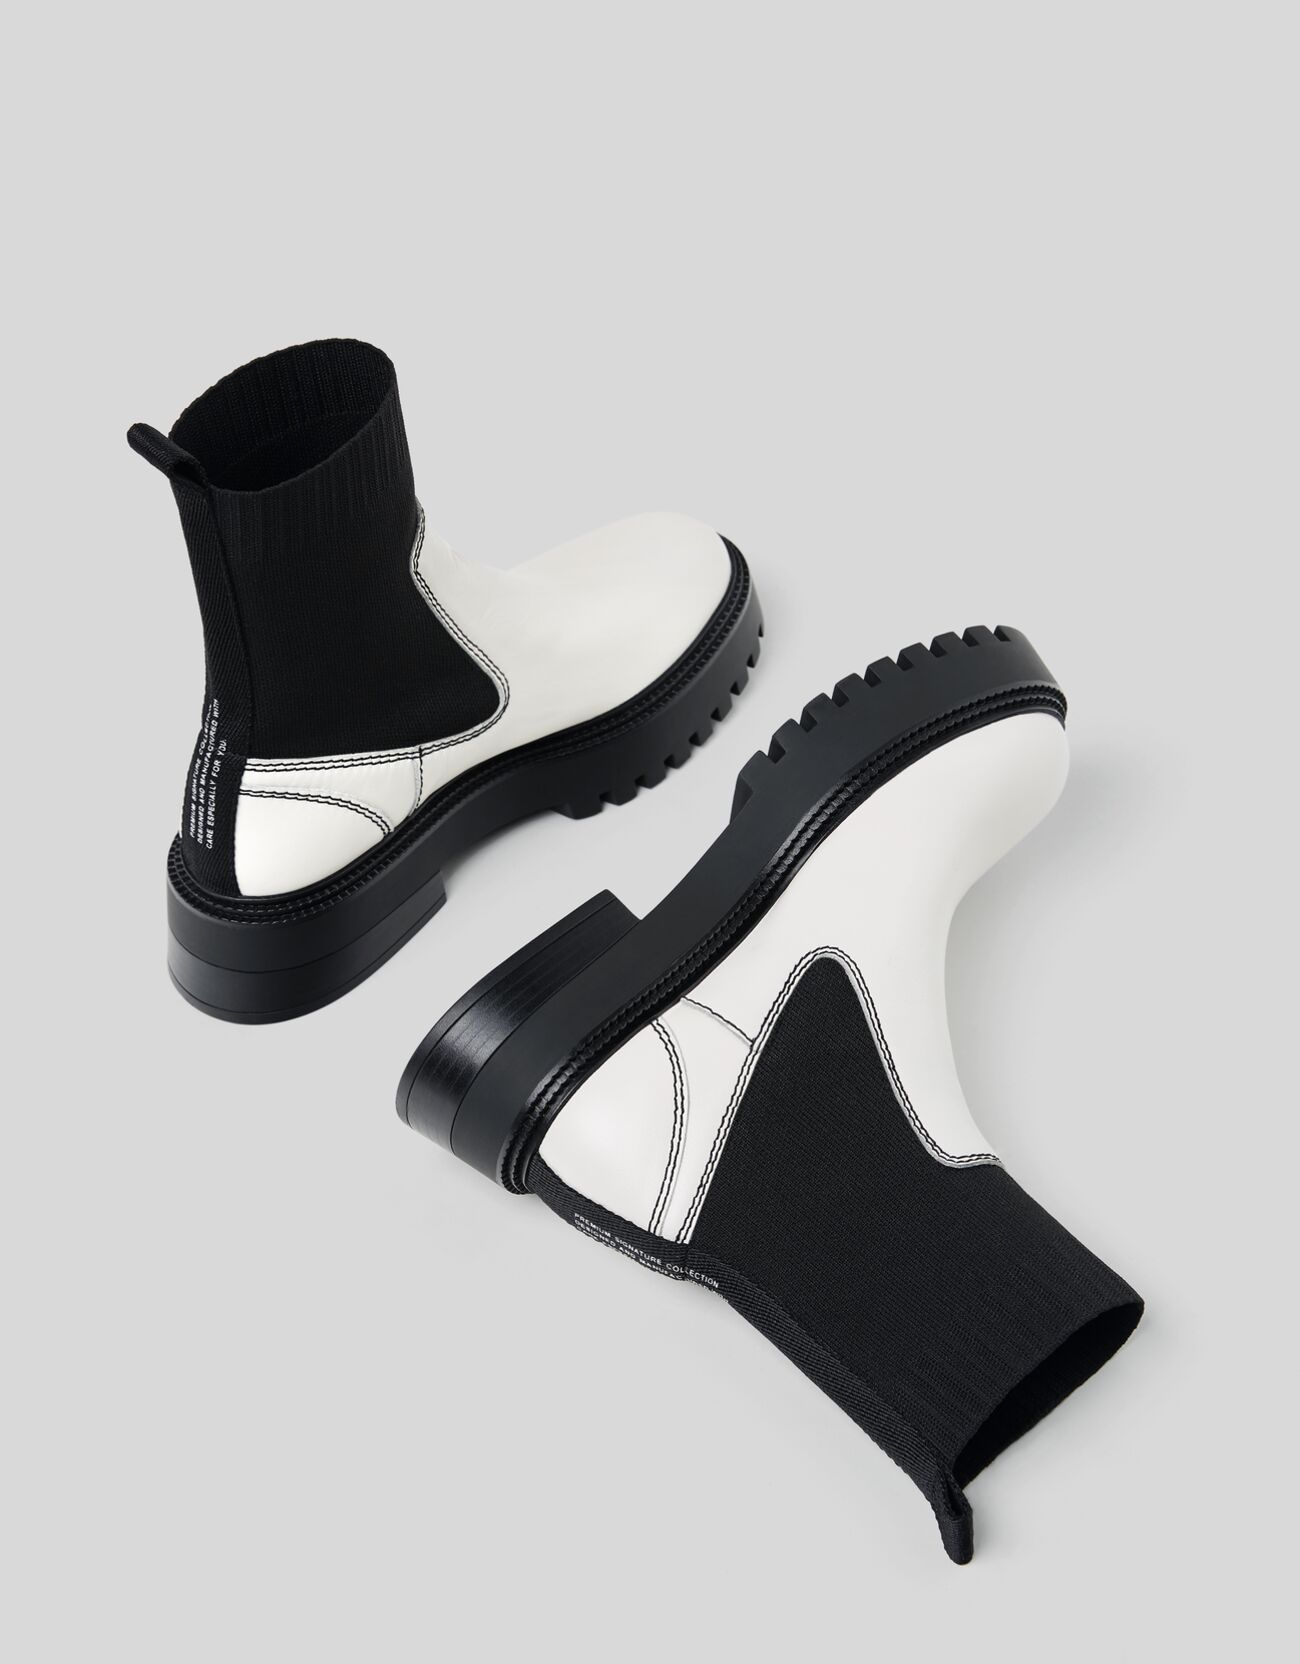 Botines en black&white con suela trekking y diseño calcetín de punto y piel